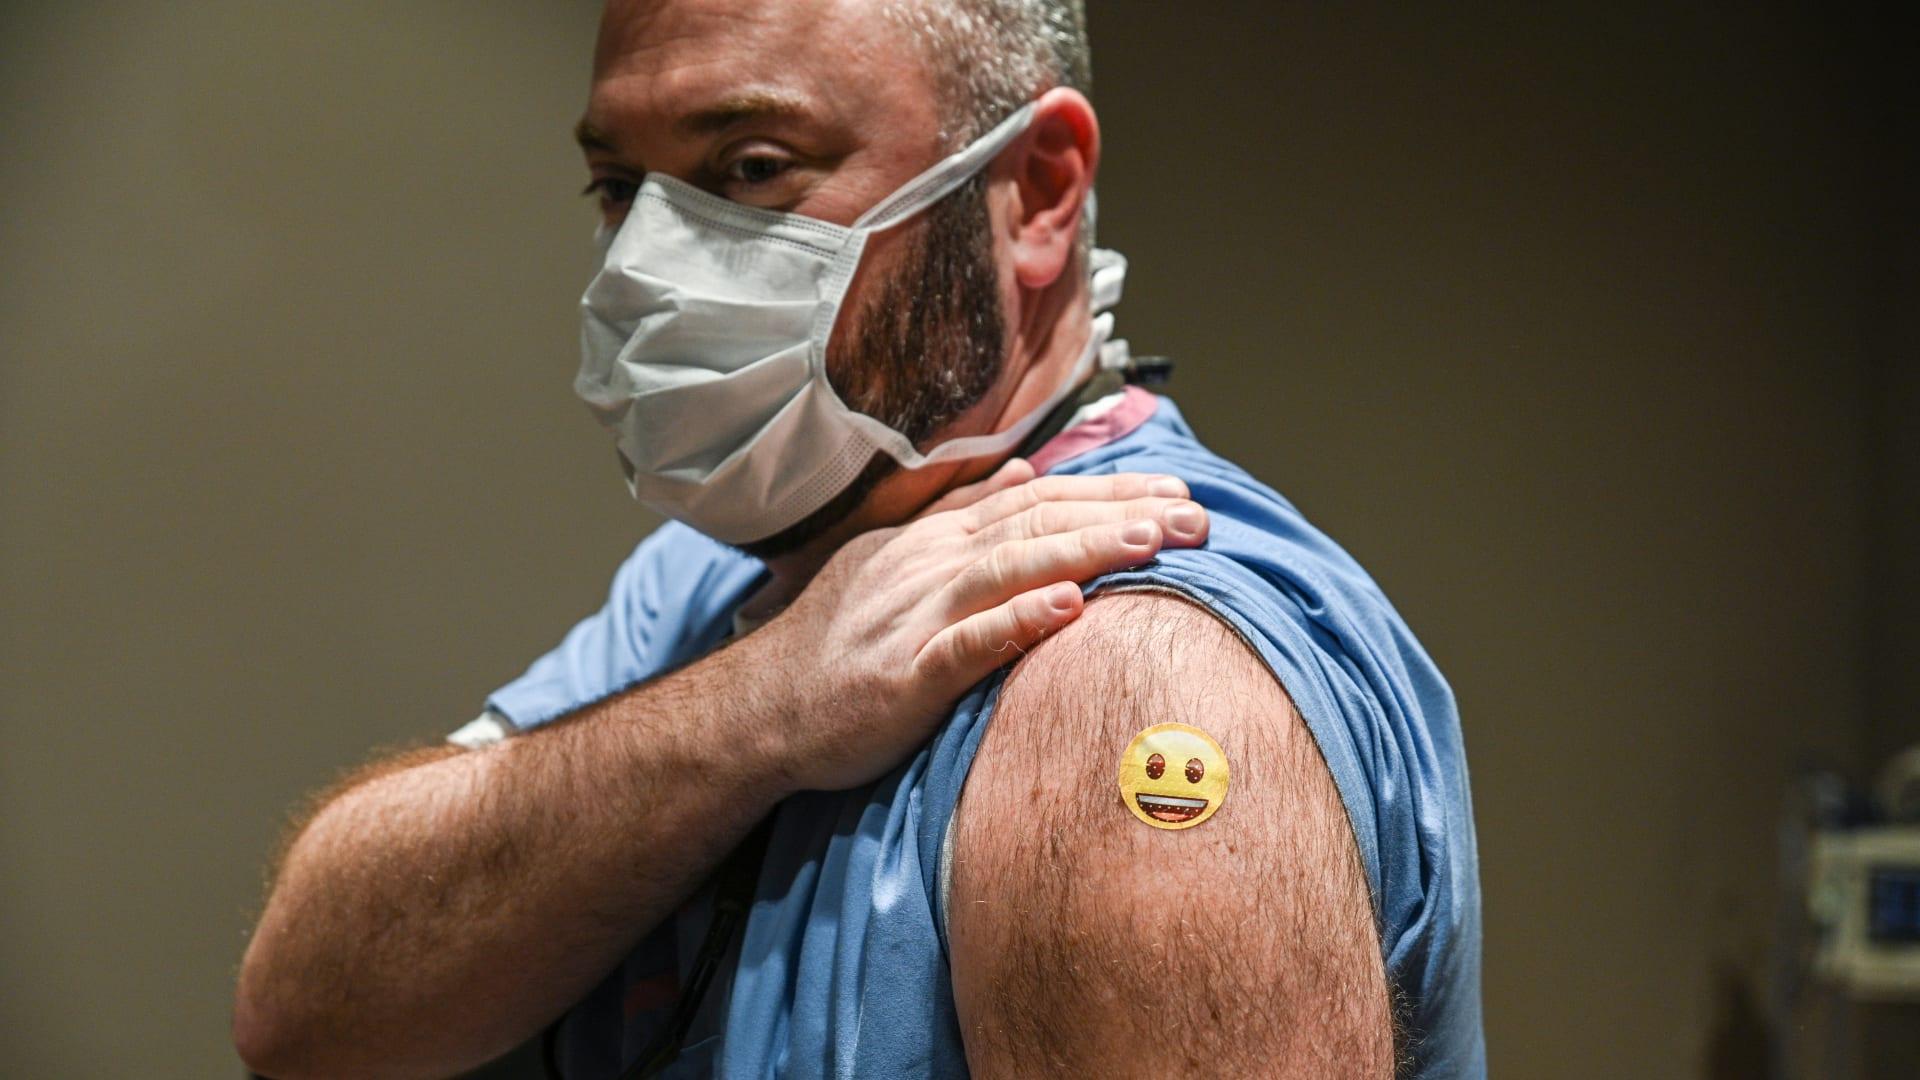 تحليل لـ CNN: انخفاض إصابات كورونا في مناطق ارتفاع نسبة التطعيمات